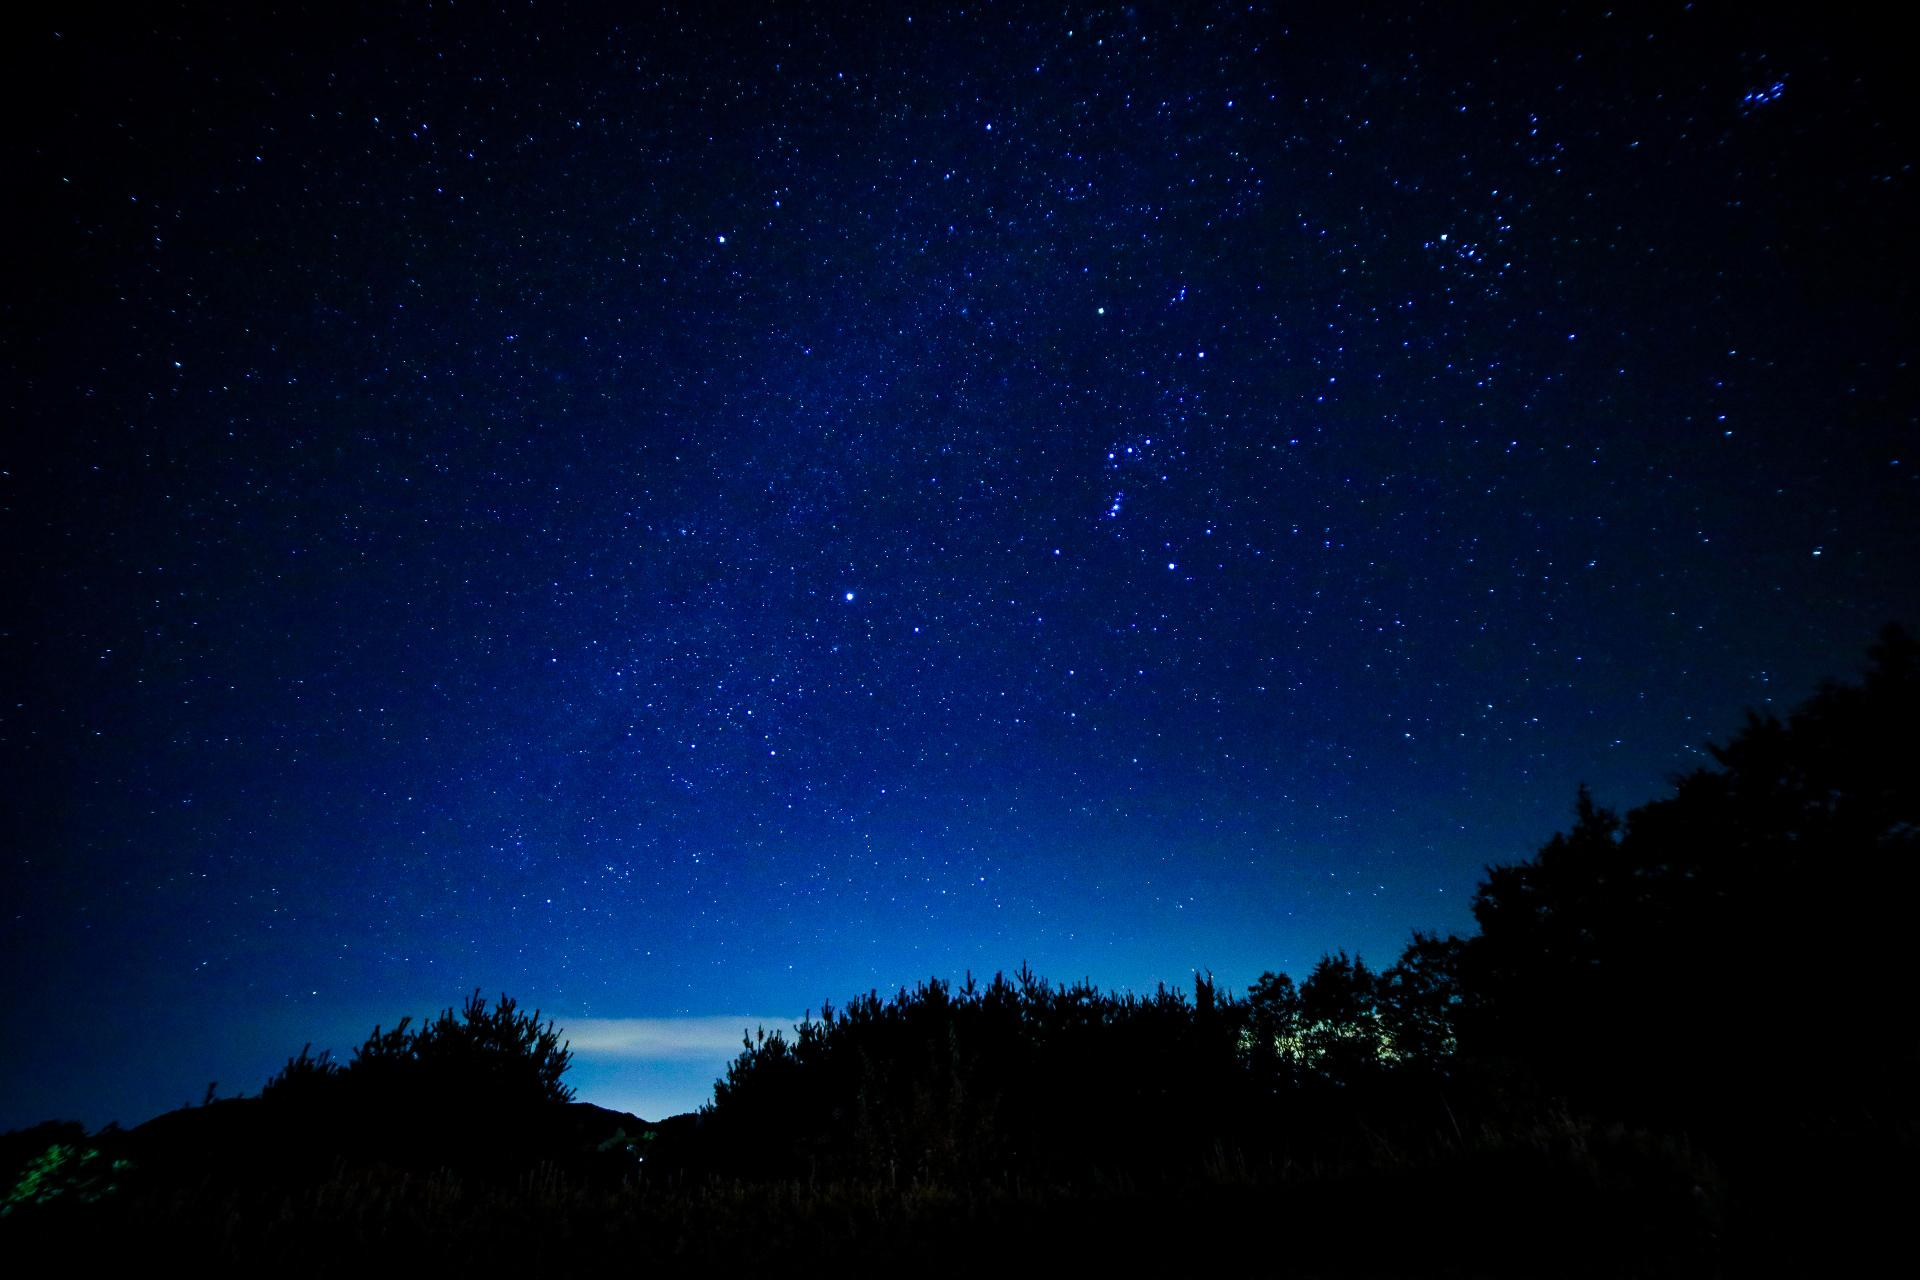 サンセットから星空に変わる様子